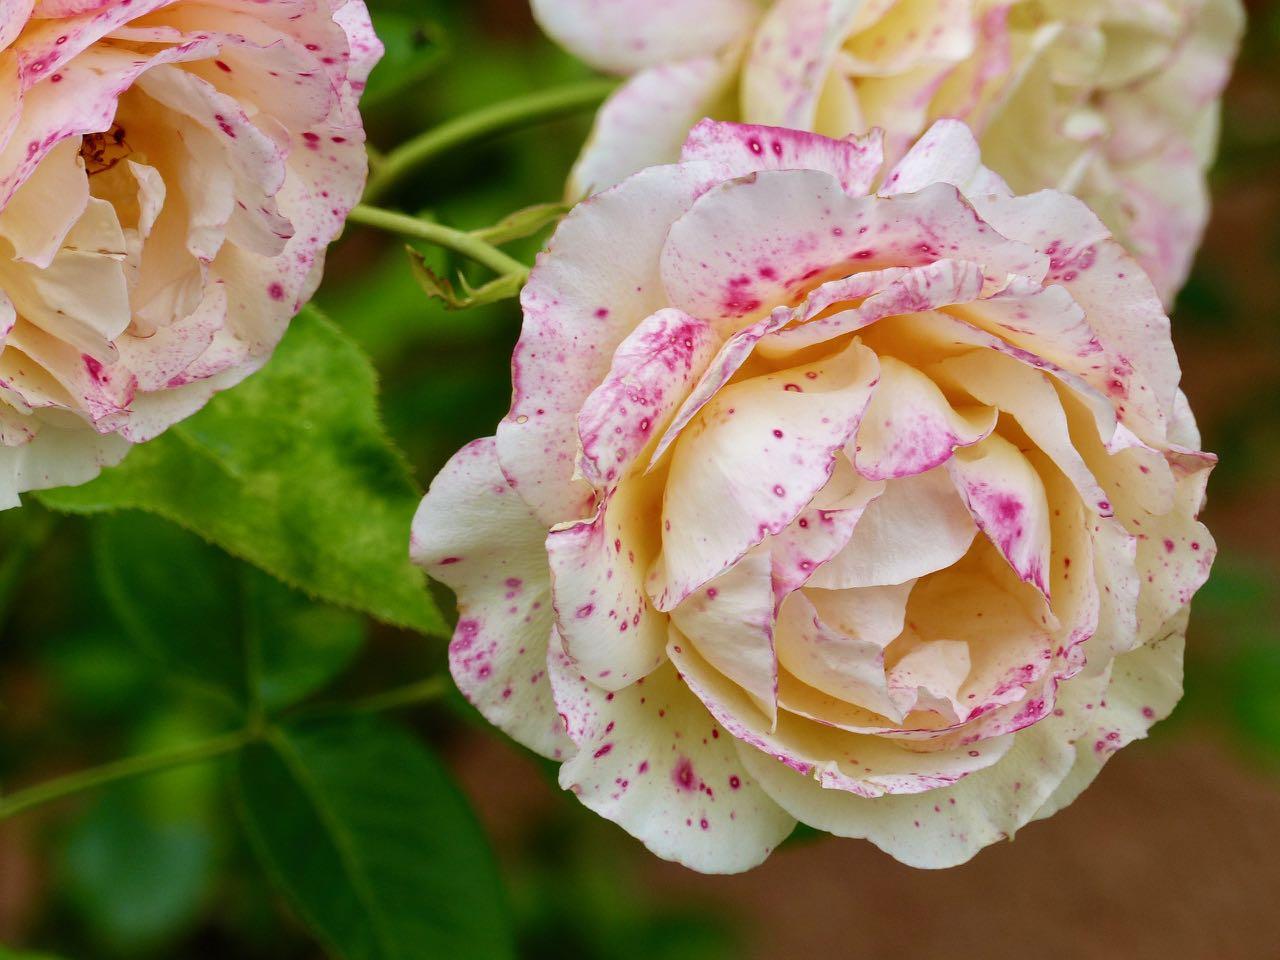 weiße Rose mit pinkfarbenen Sprenkeln